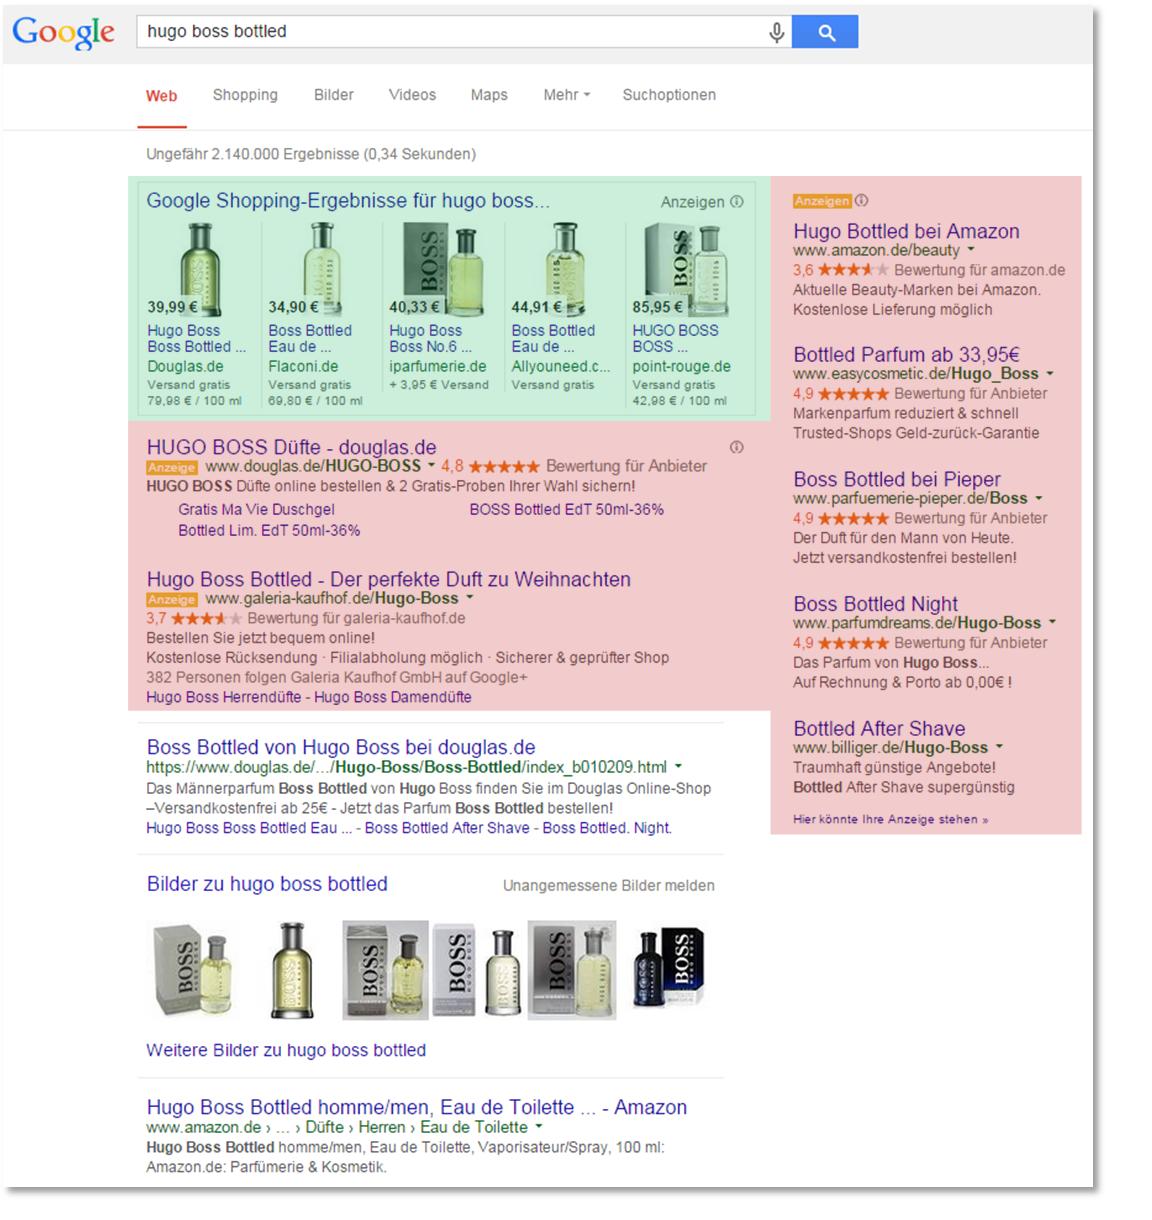 """Ergebnis der Eingabe des Suchbegriffs """"Hugo Boss Bottled"""" am 25.11.2014"""